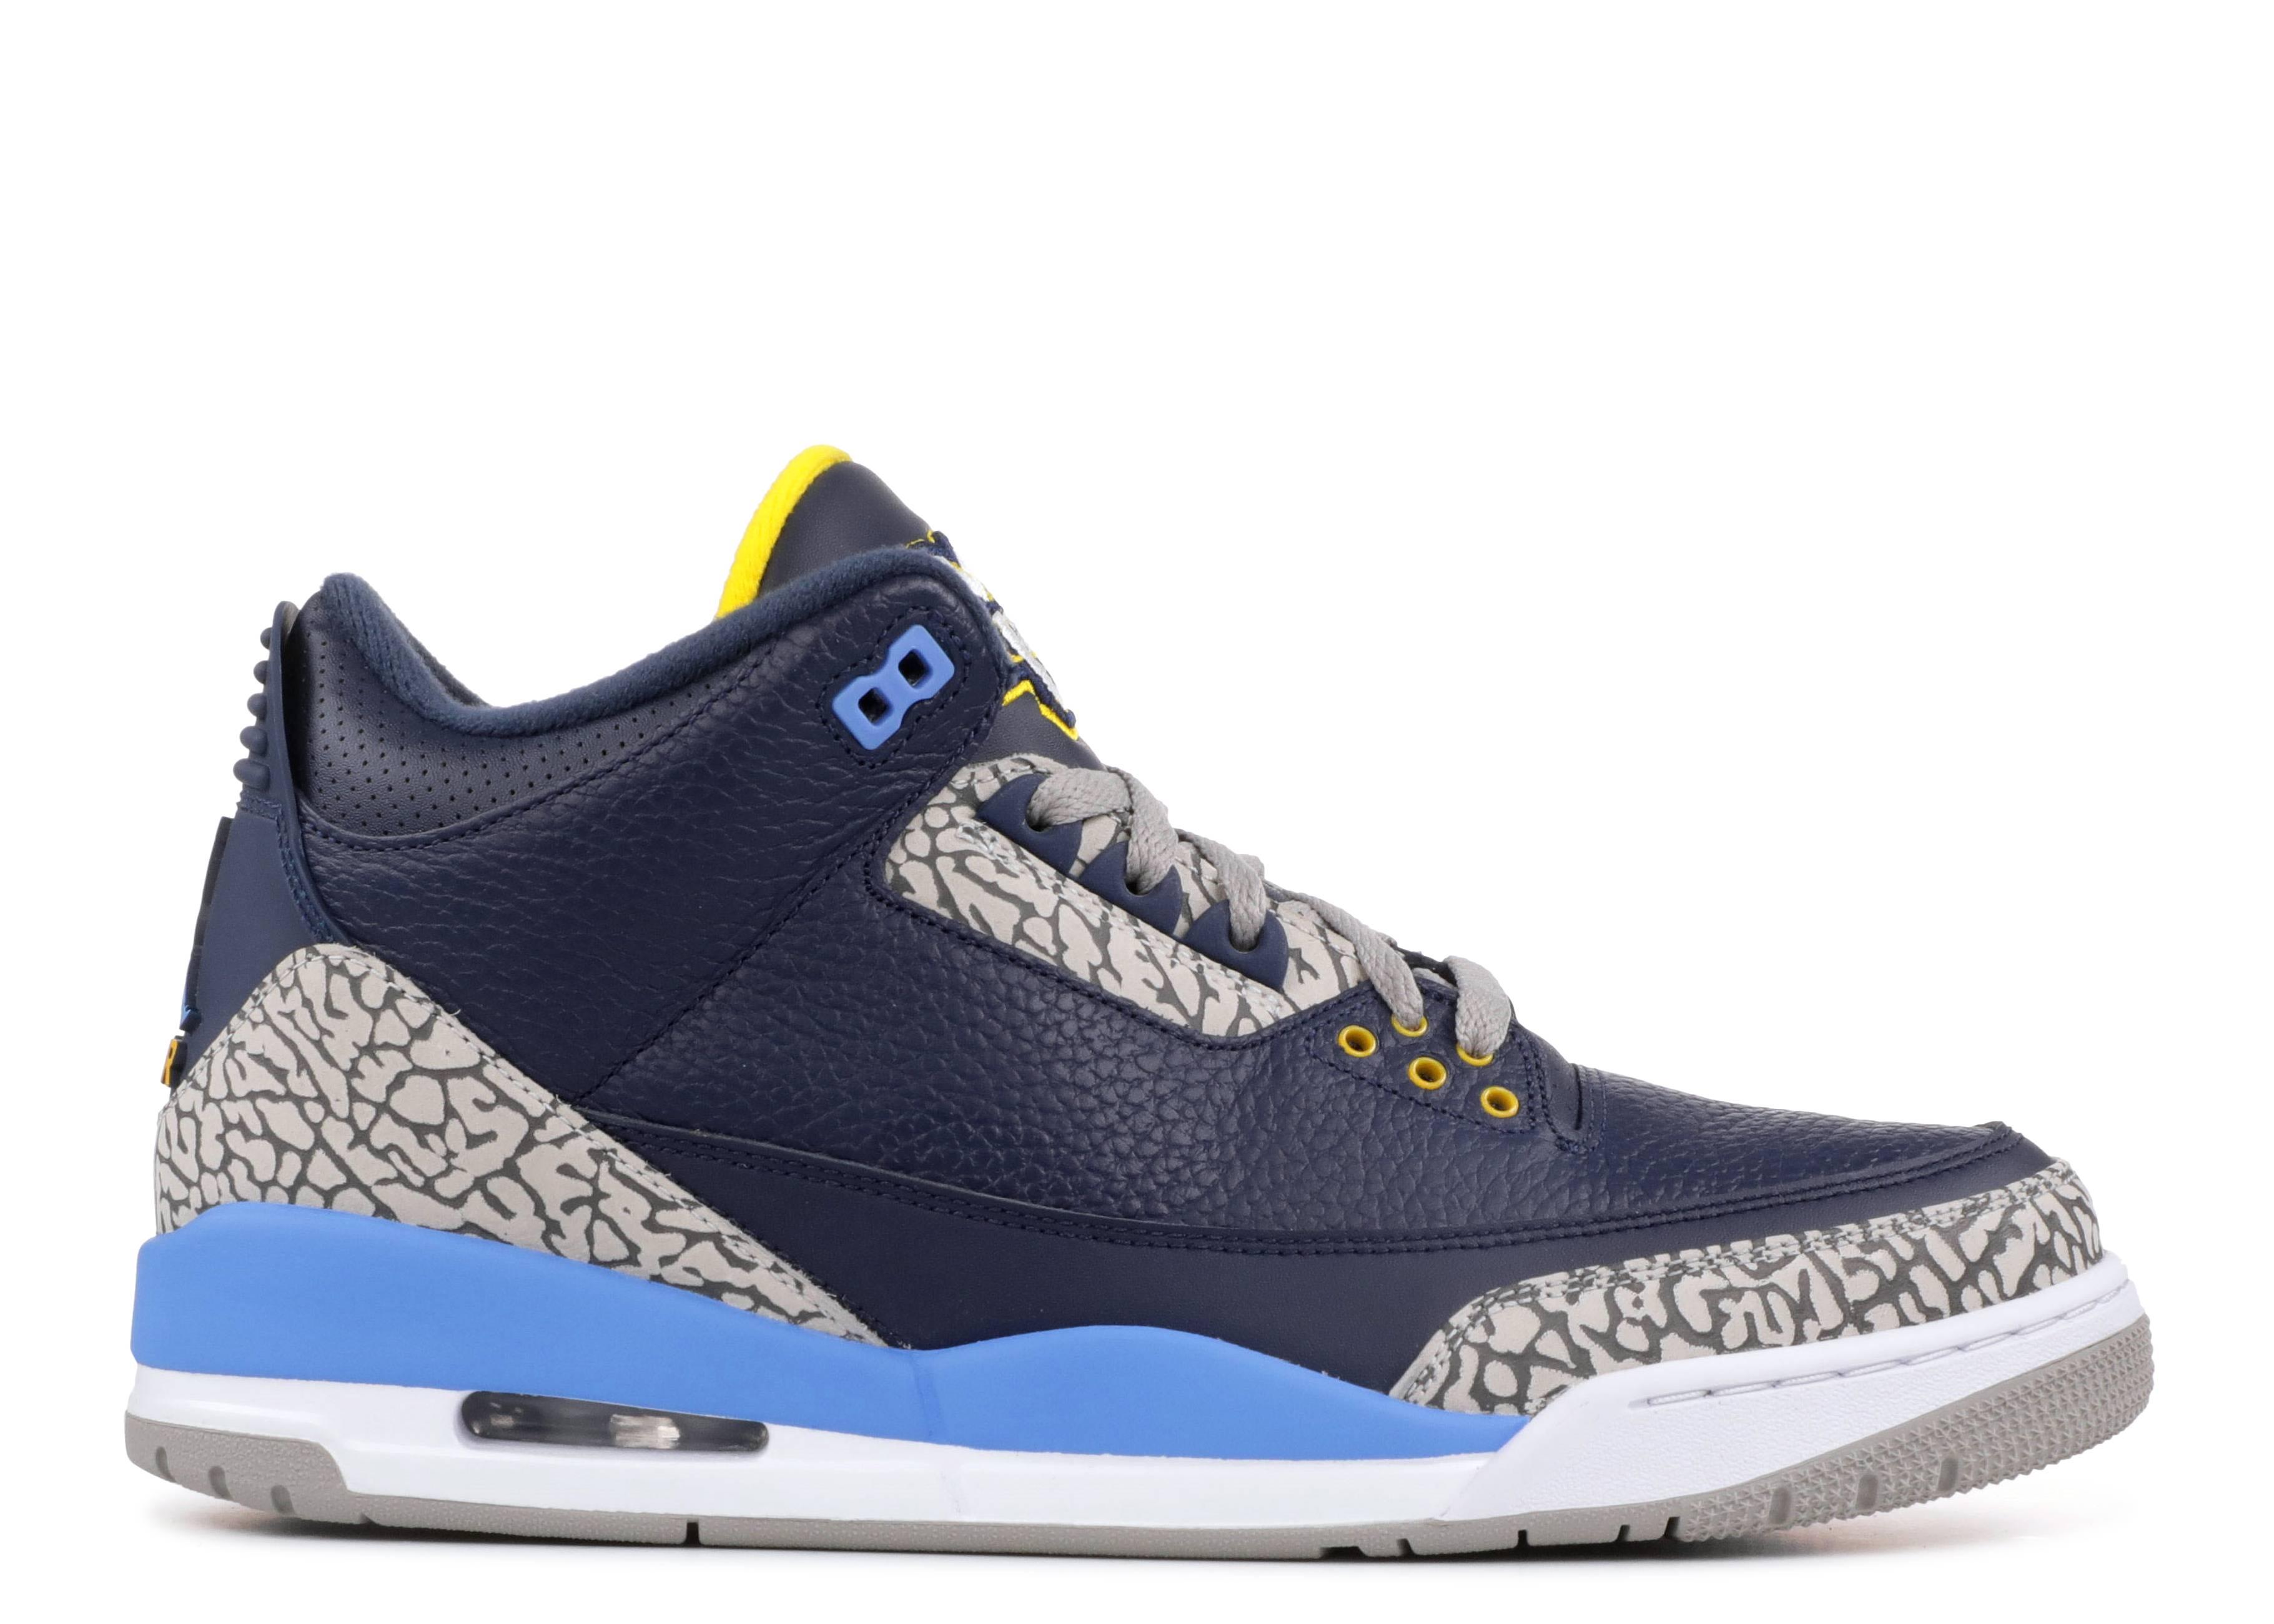 pretty nice c40a7 a54a0 Air Jordan 3 Retro